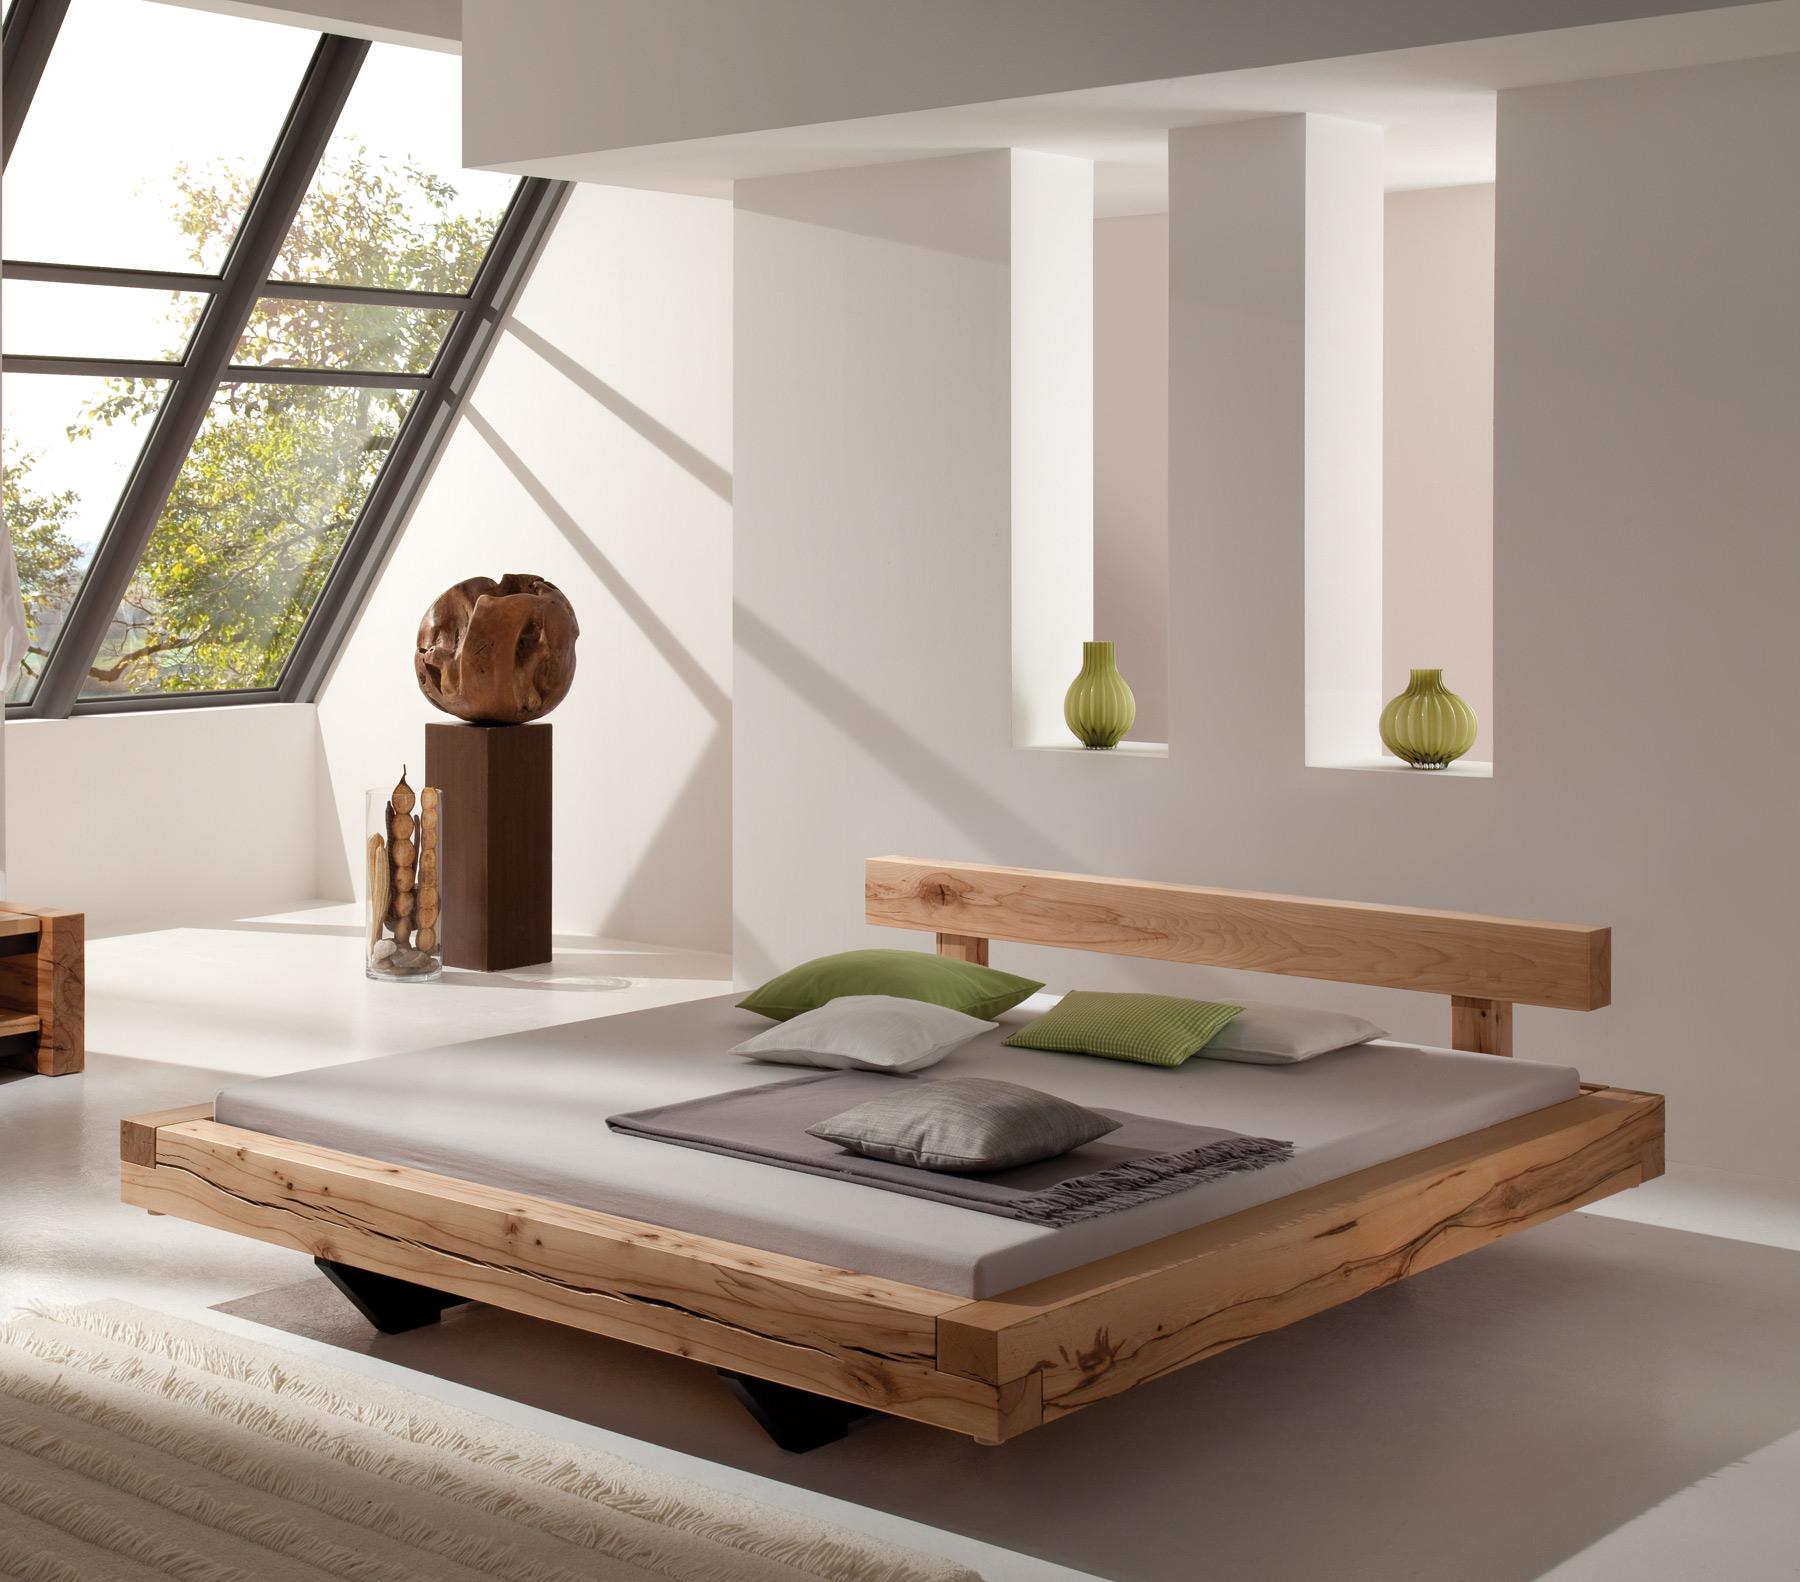 Cama de madera rústica Miramas - PureNature